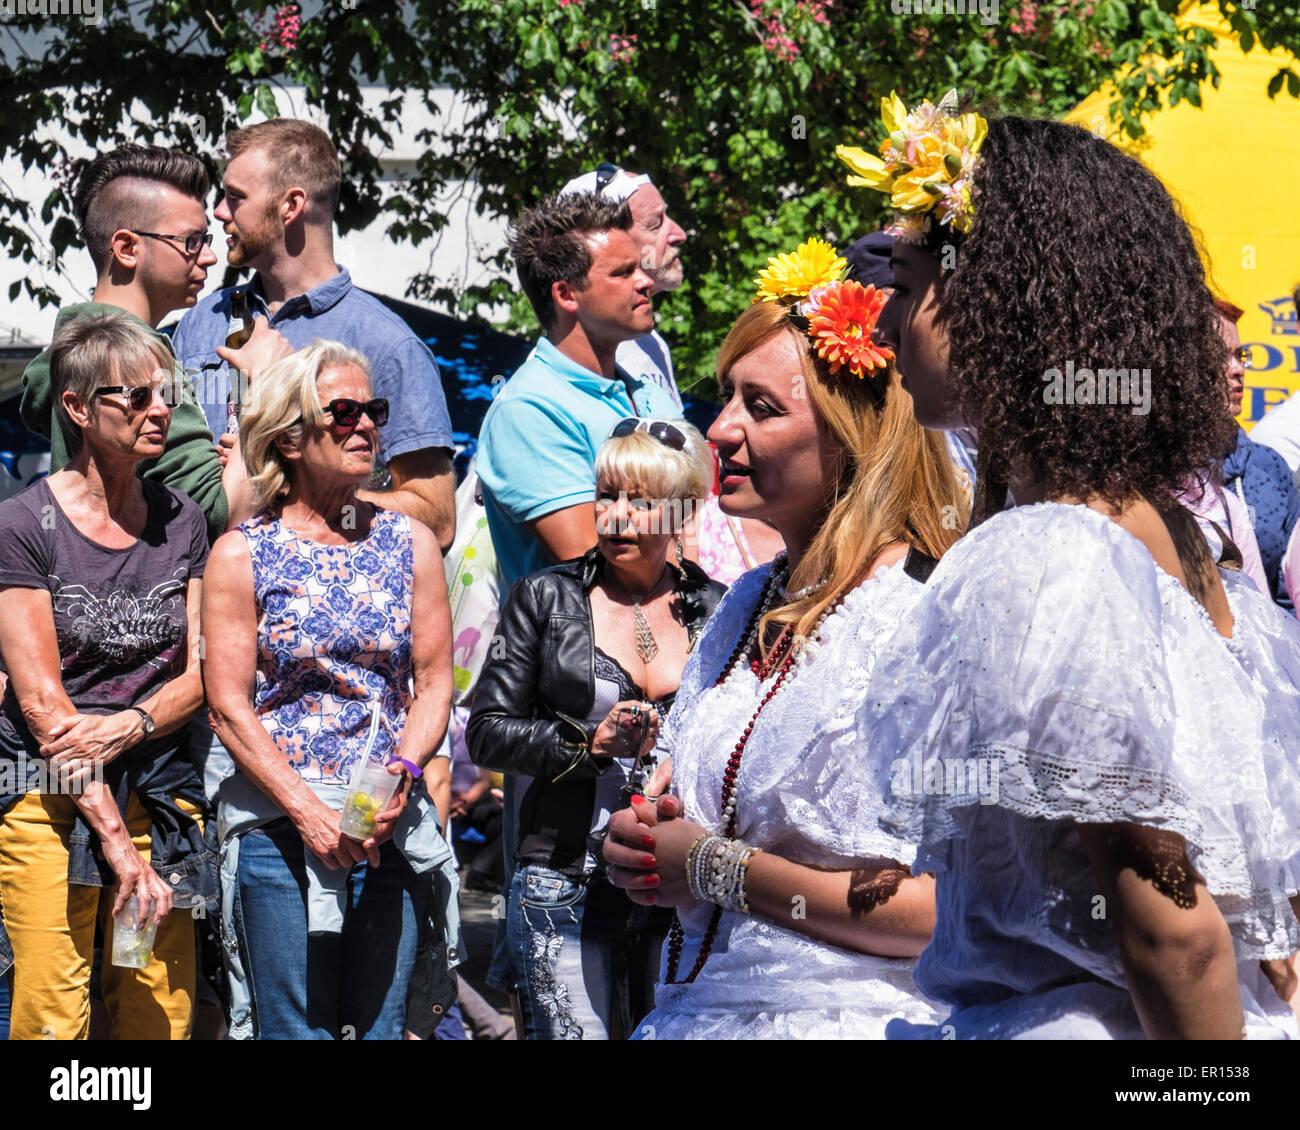 Kreuzberg di Berlino, Germania, 24 maggio 2015. Berlino celebra la sua diversità culturale al carnevale di Immagini Stock